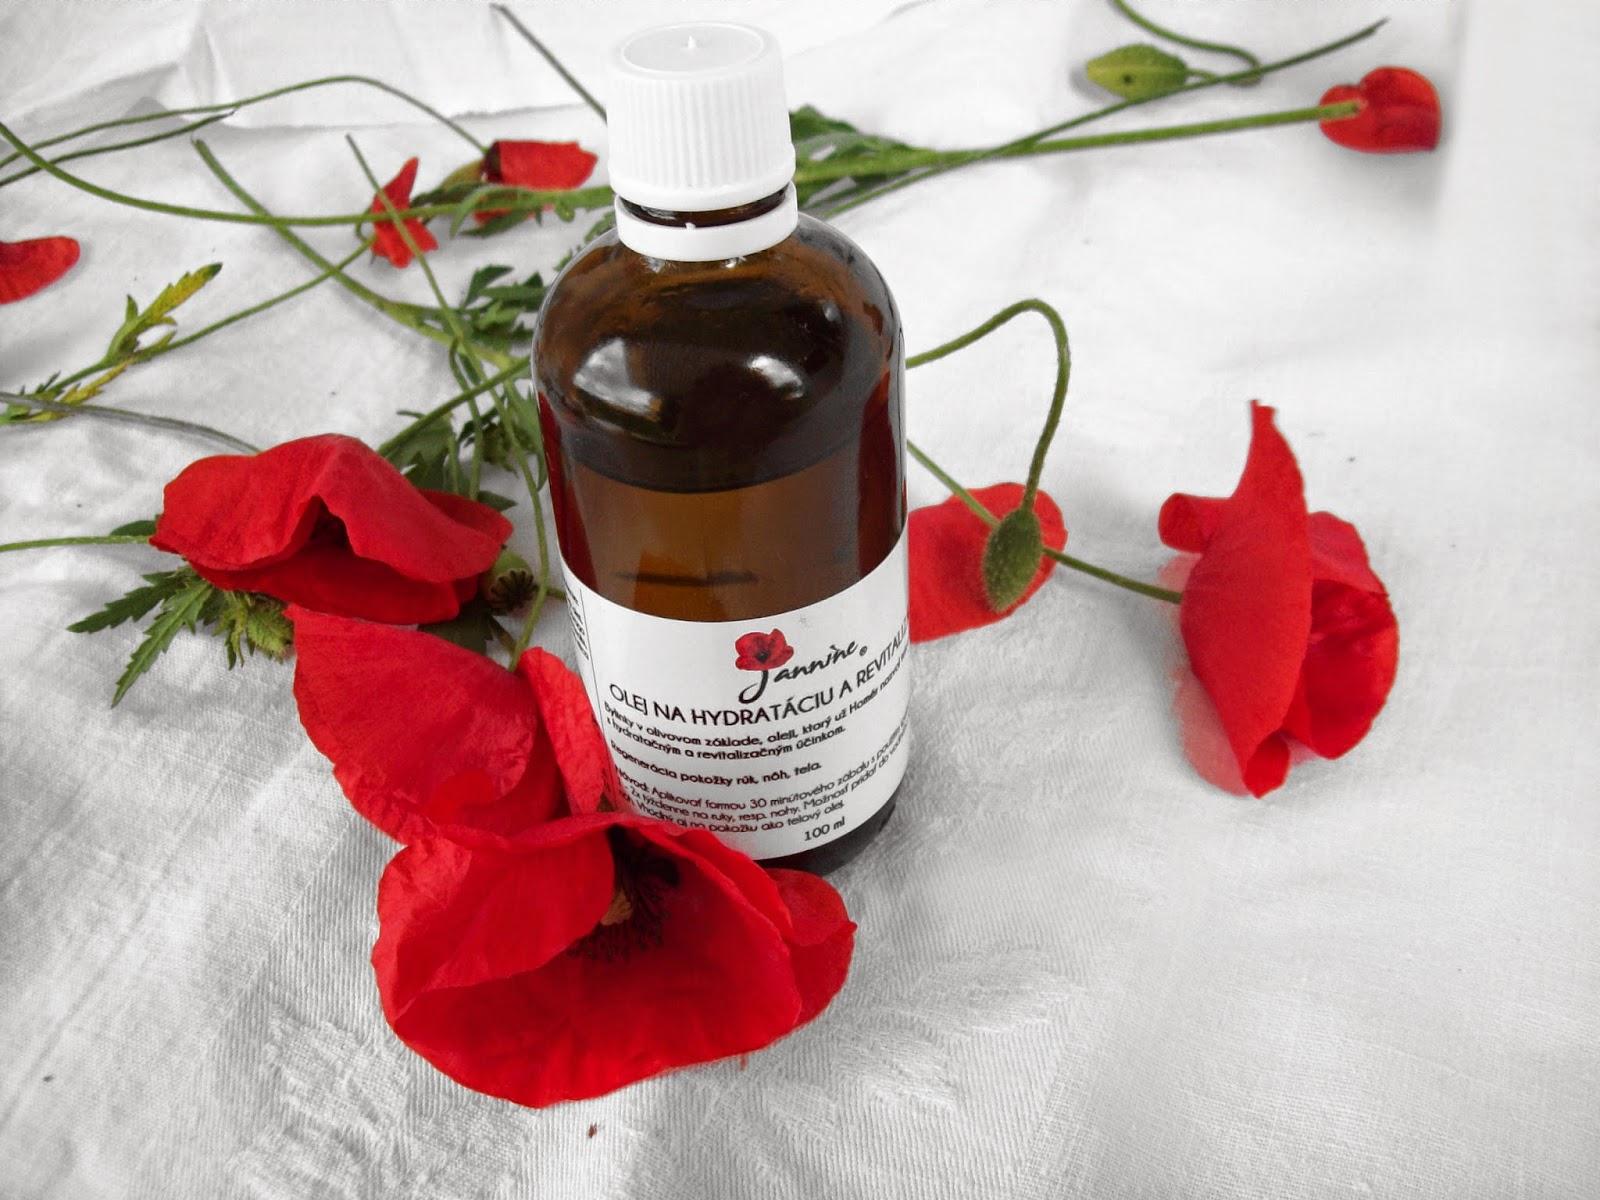 Tento bylinkový a čisto prírodný olej chráni lekárenská fľaštička a bezpečnostný uzáver. Olej onačuje etiketa s krásnym logom značky Jannine.